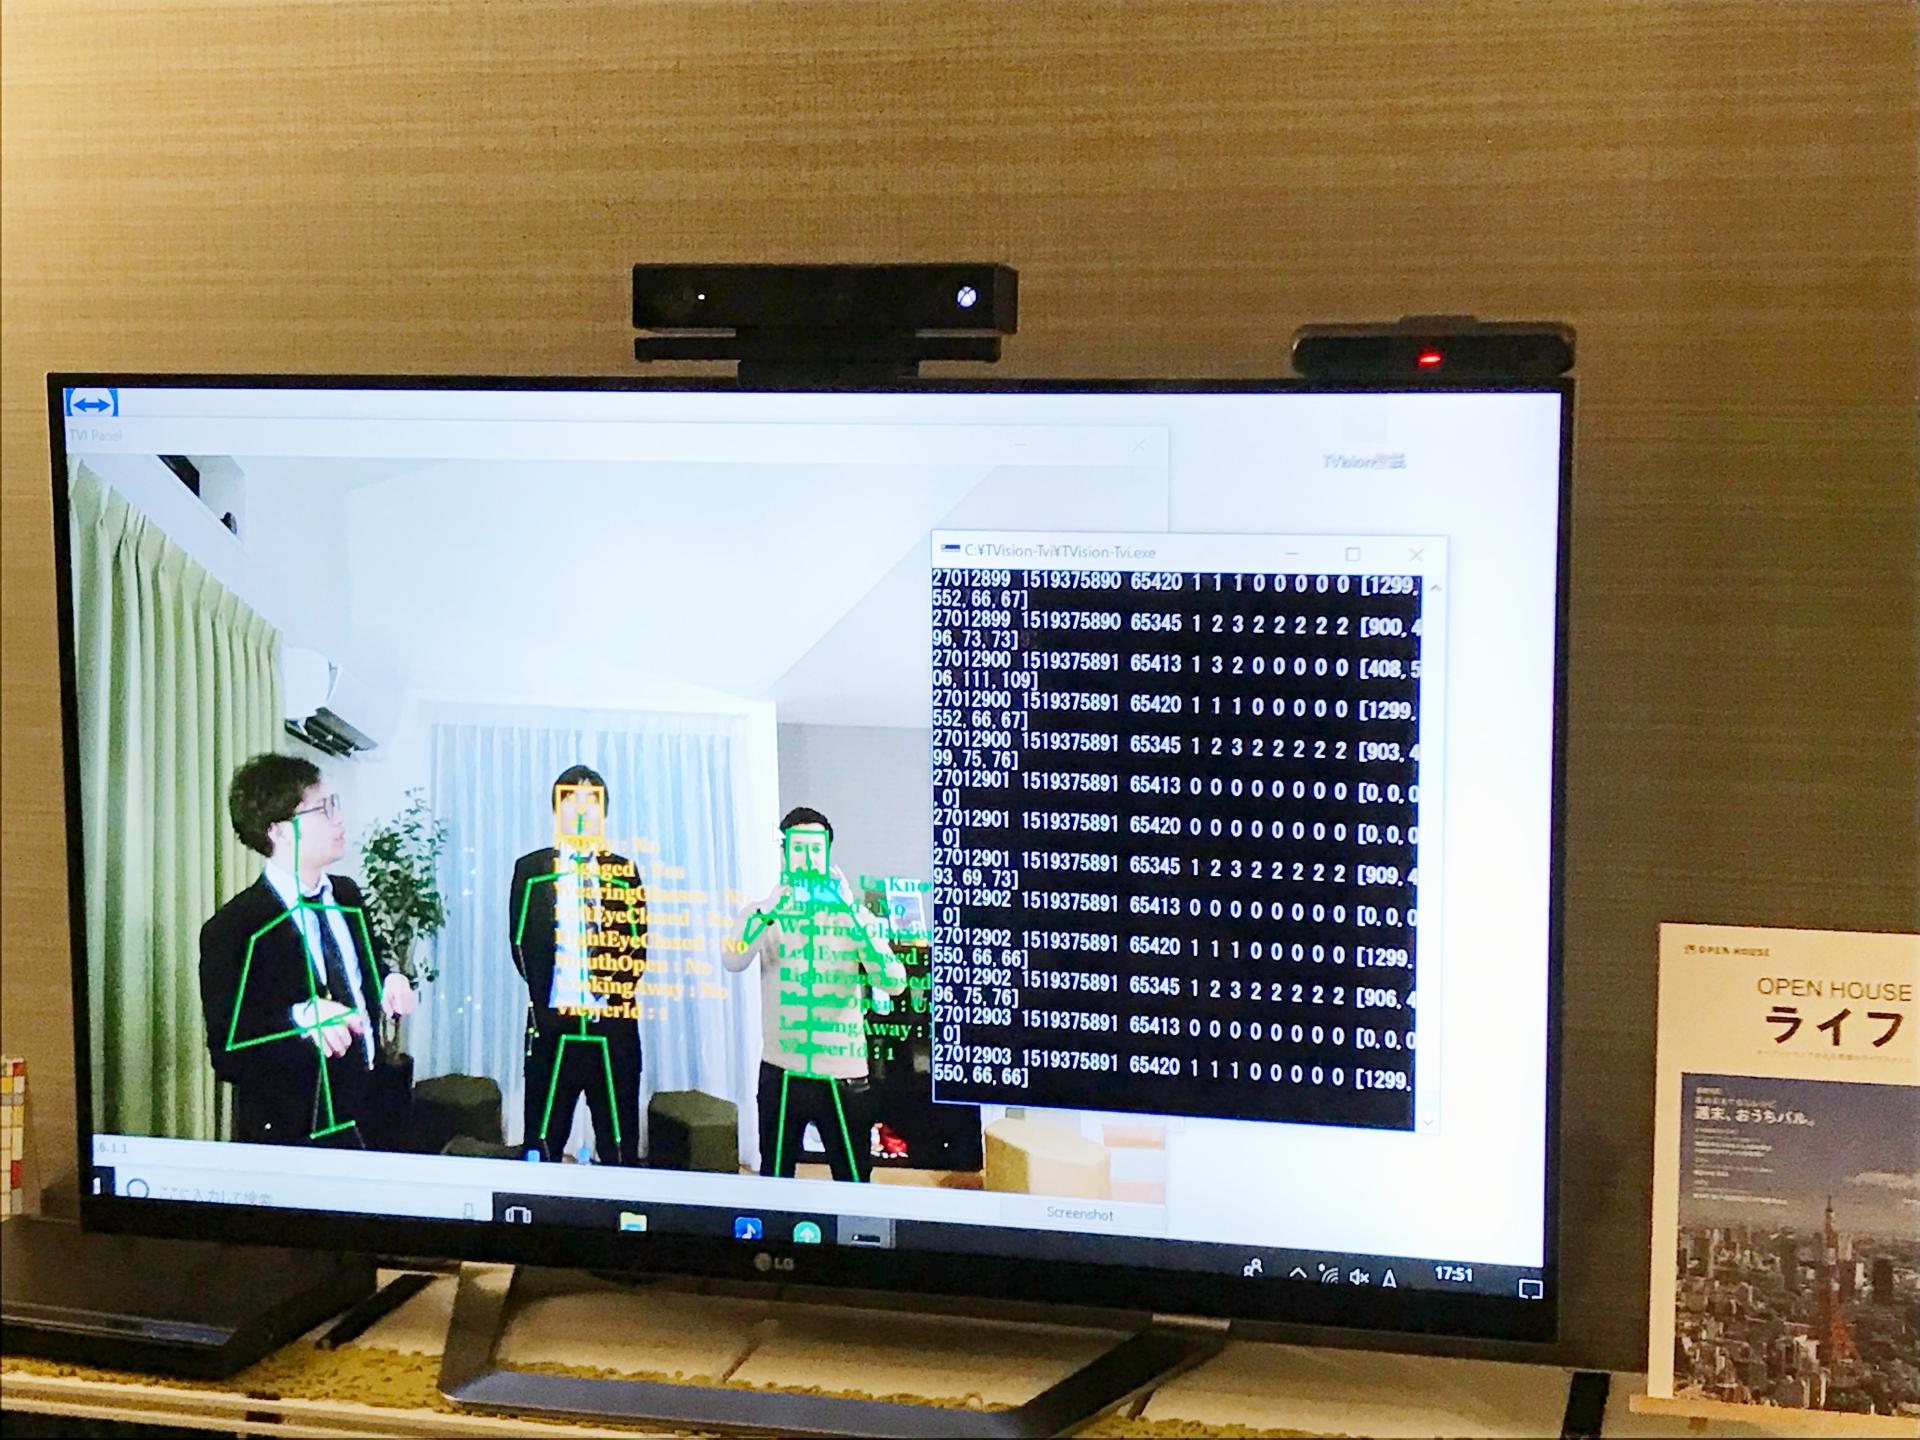 日本発売前の最新 スマート家電 : IOT家電 を オープンハウス、ソフトバンクの「MASACASA!」で体験